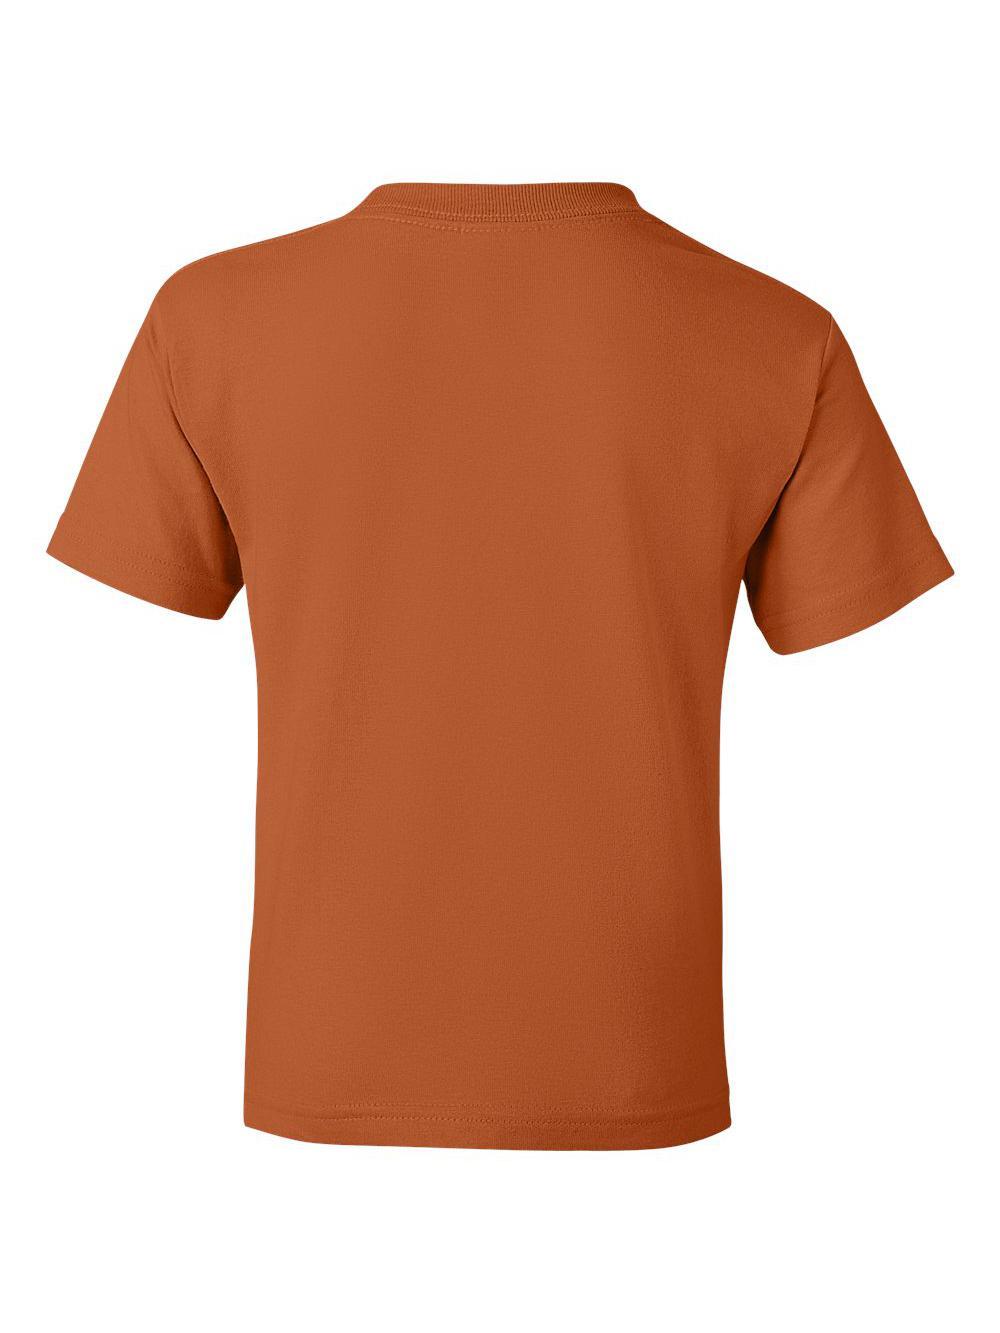 Gildan-DryBlend-Youth-50-50-T-Shirt-8000B thumbnail 109